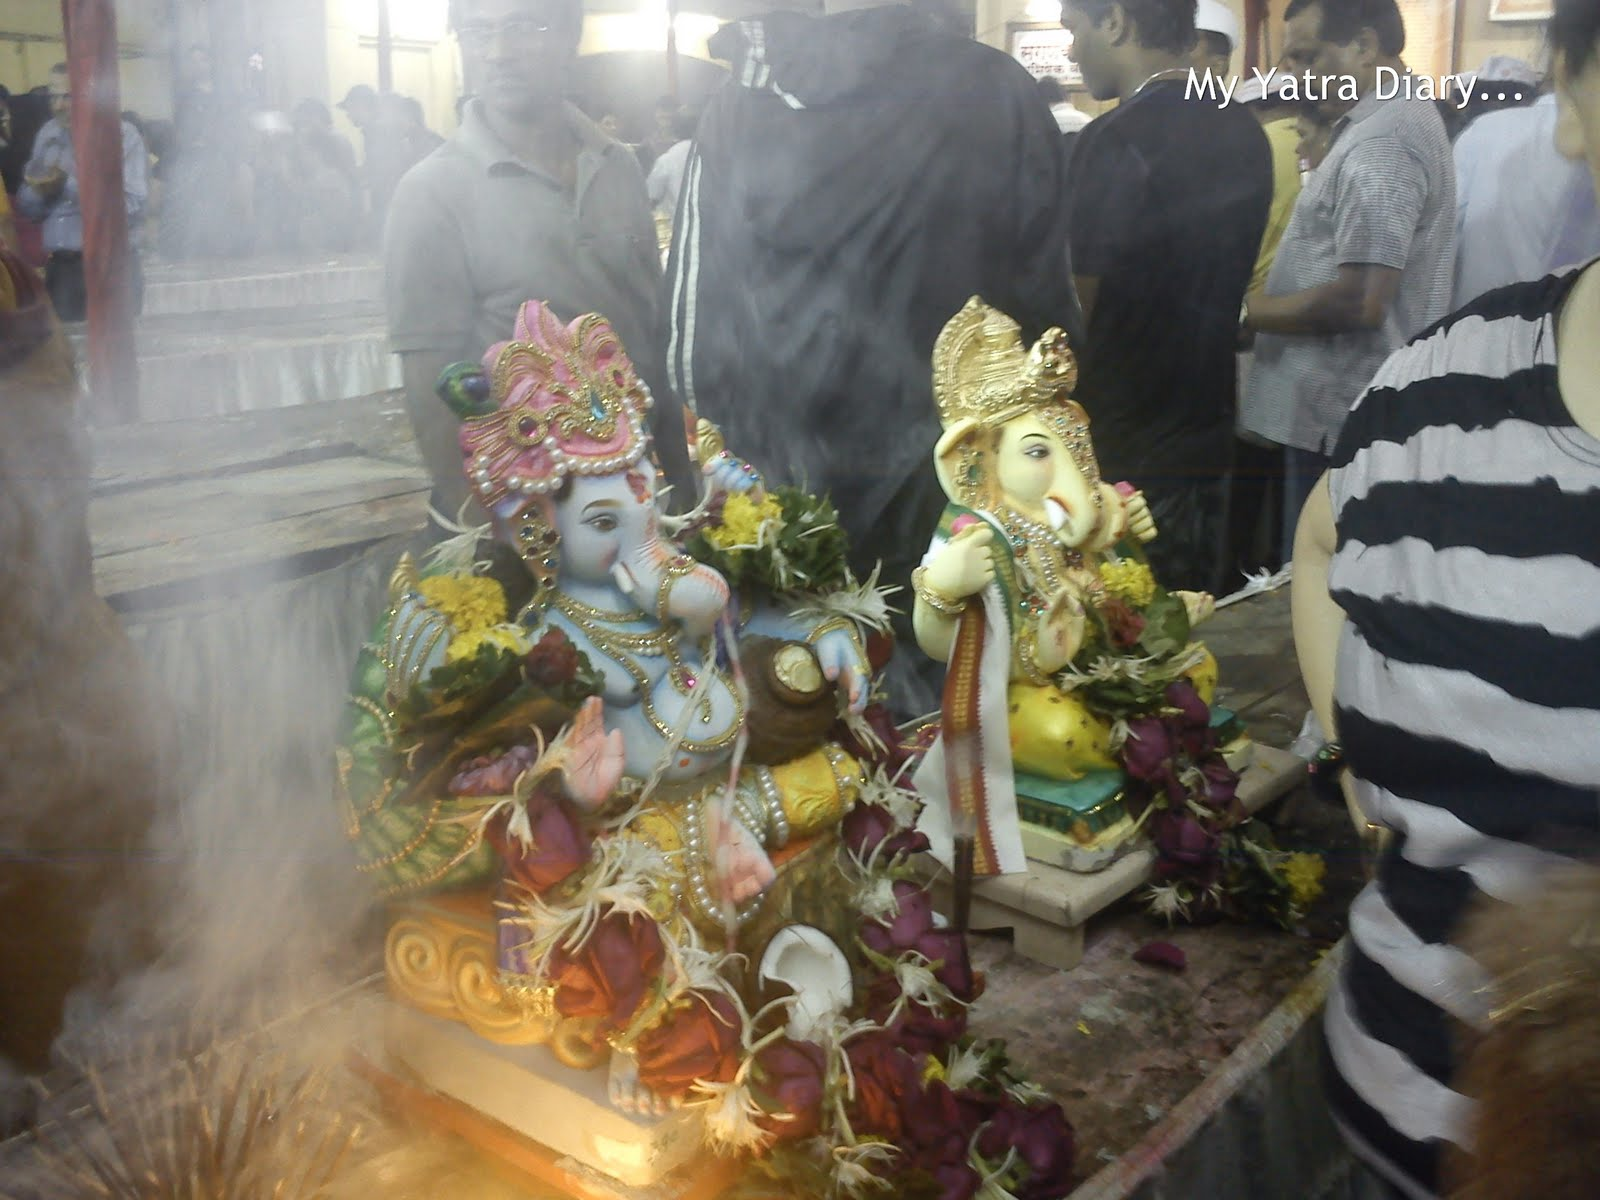 essay on lord ganesha lord ganesha latest news on lord ganesha breaking news on sms communication essay essay on